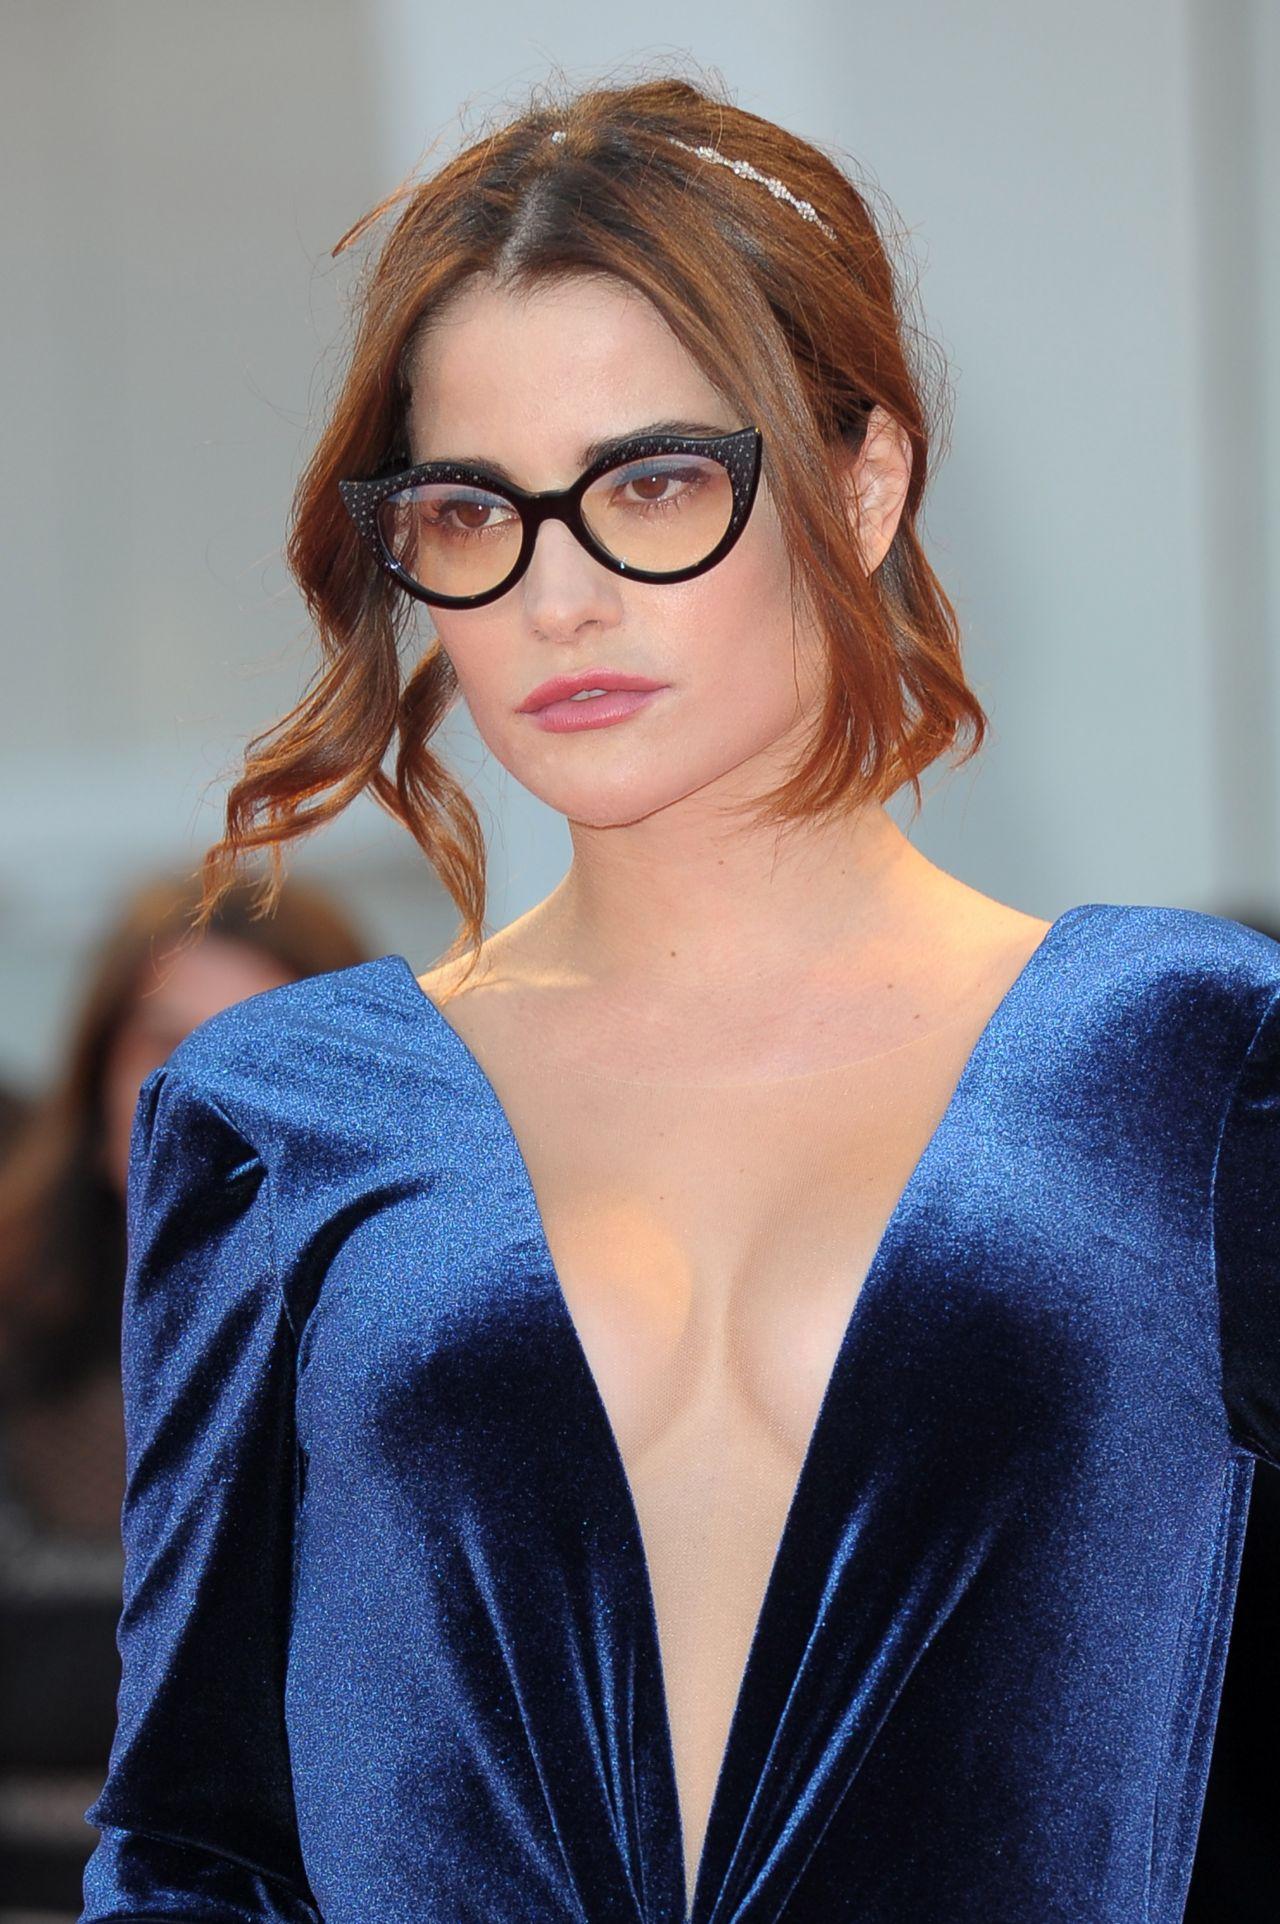 Giulia Elettra Gorietti La Fidele Premiere In Venice